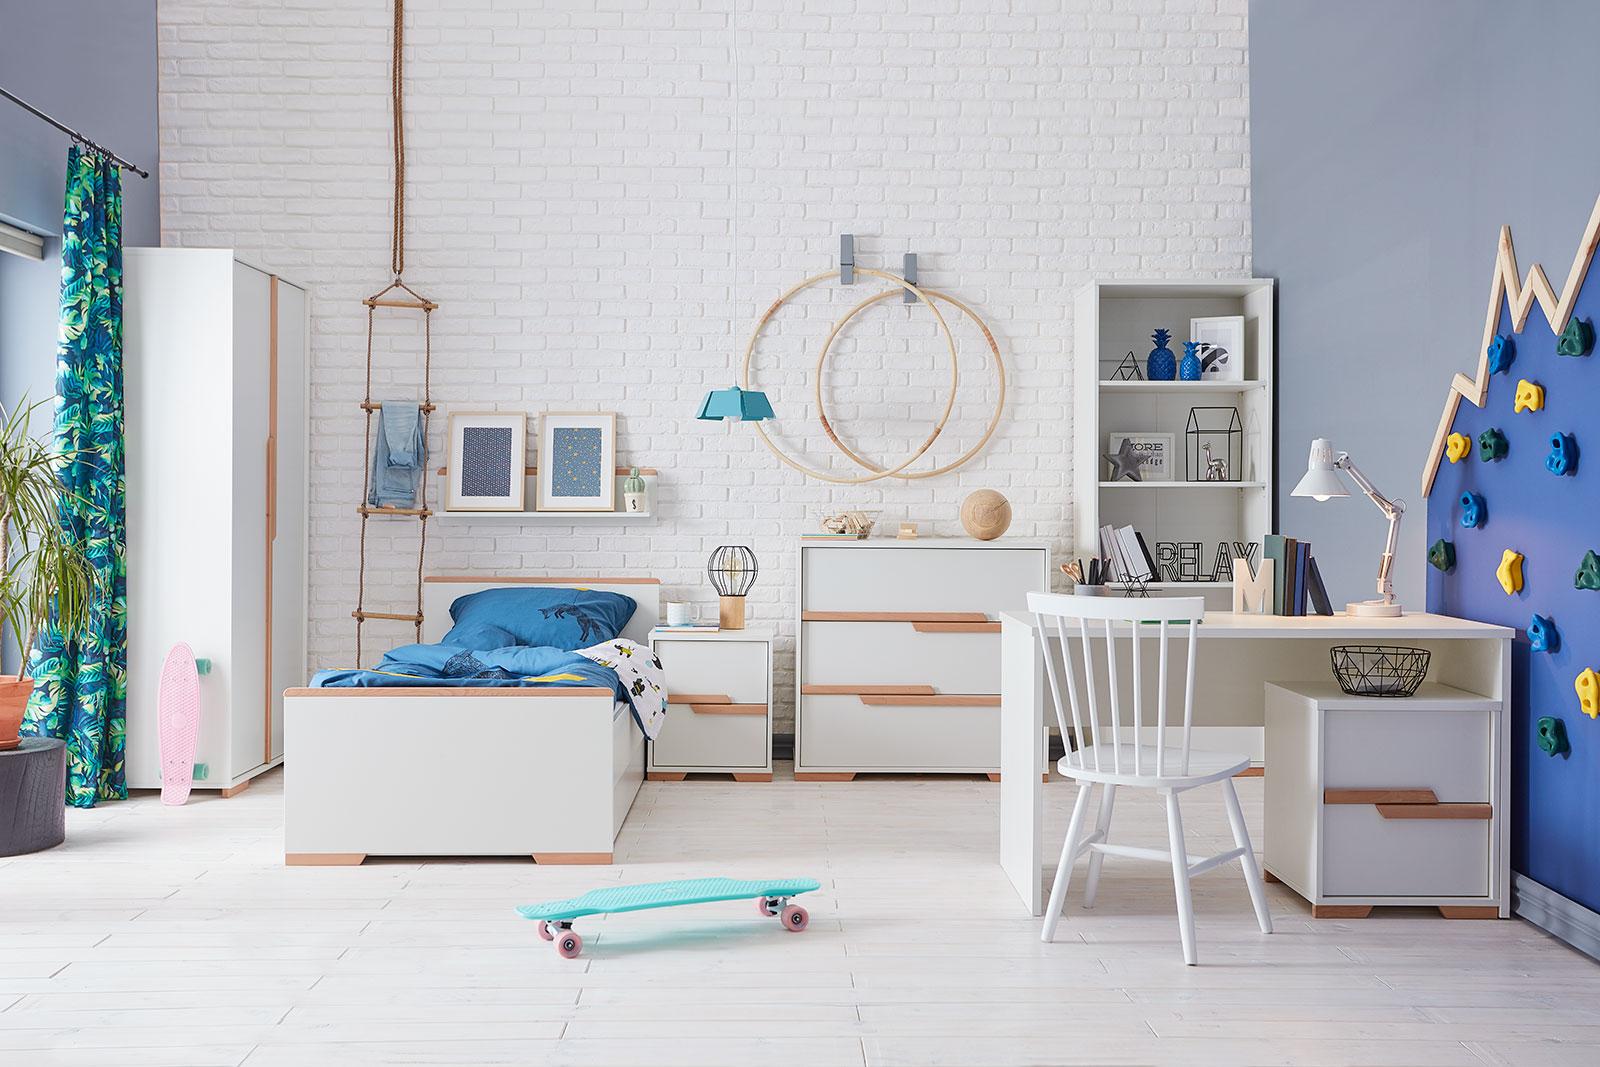 Pokój dziecięcy – jakie meble są polecane?